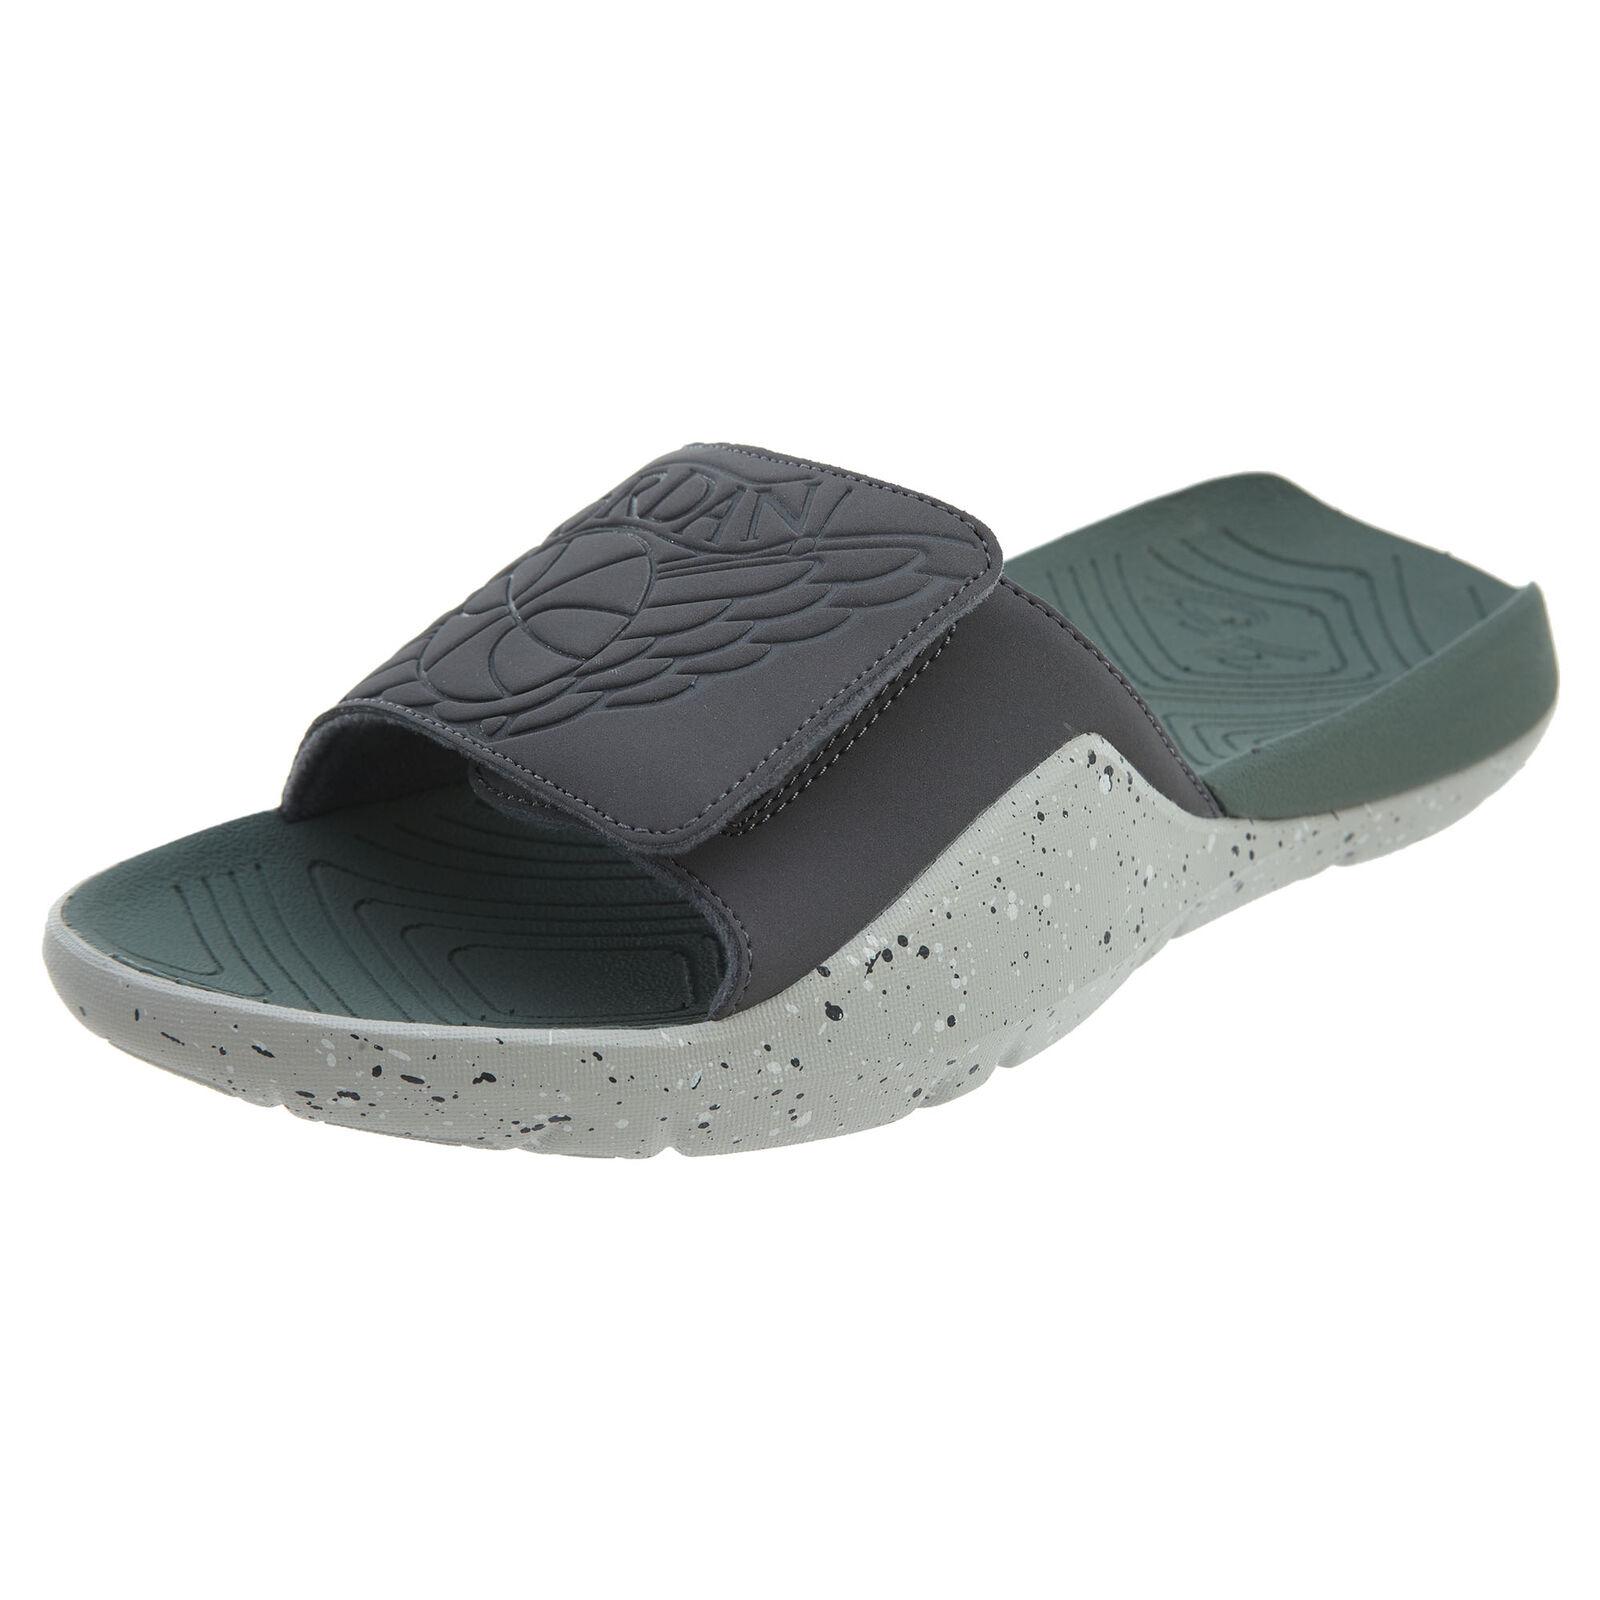 Jordan Hydro 7 para hombres AA2517-035 oscuro Tech gris Arcilla verde Slide Sandalias Tamaño 10